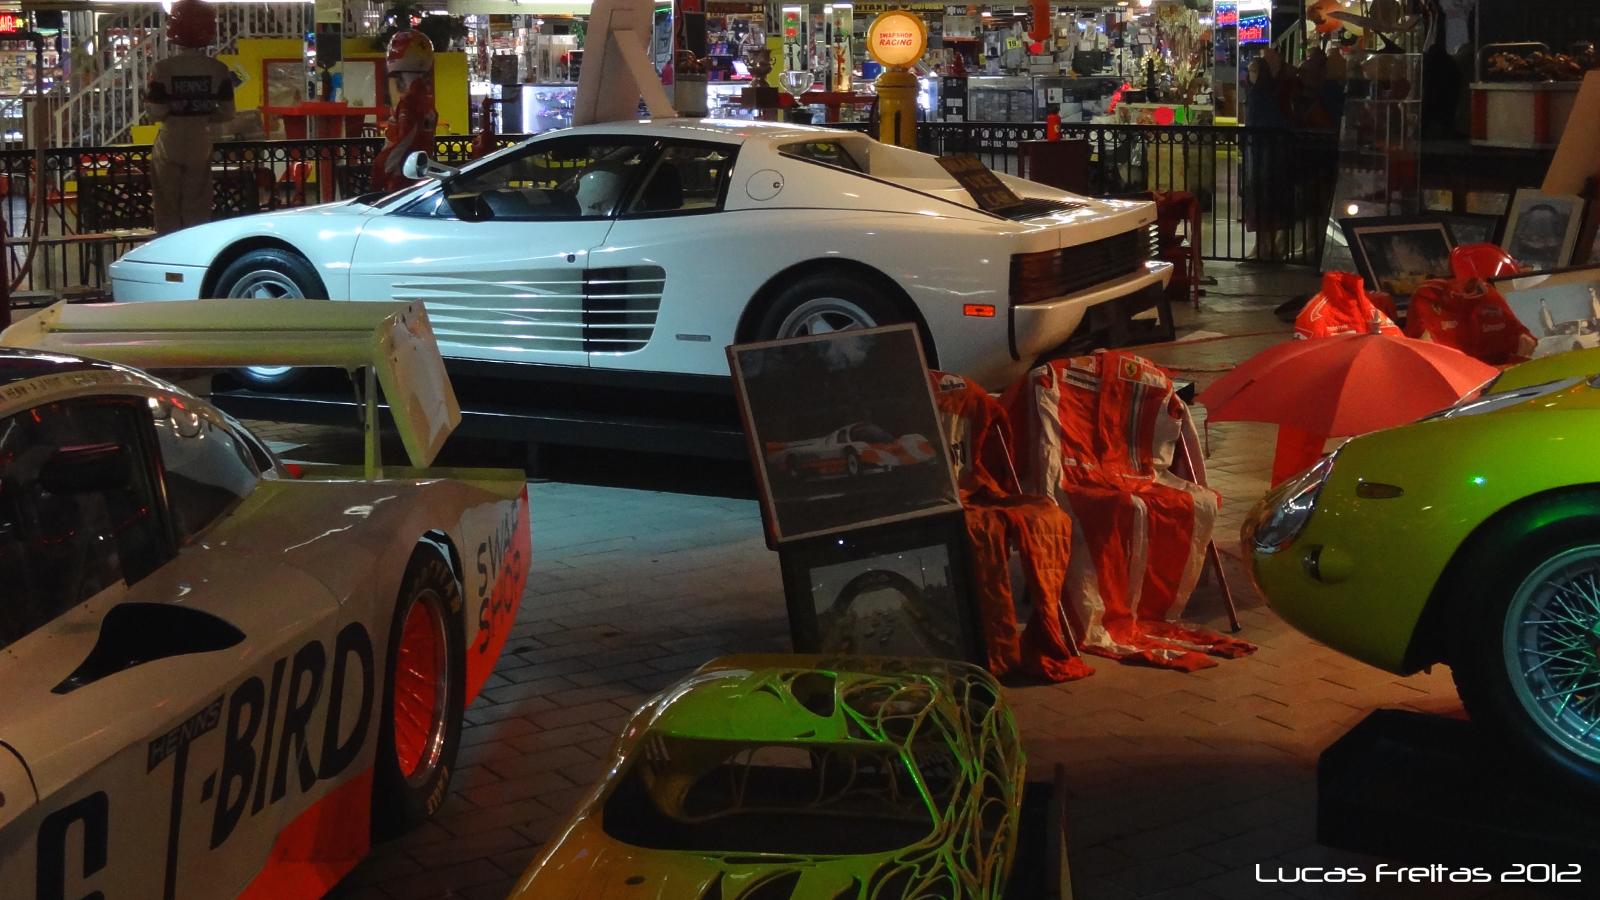 Ferarri Testarossa - Miami Vice | Miami Vice TV Show Car ...